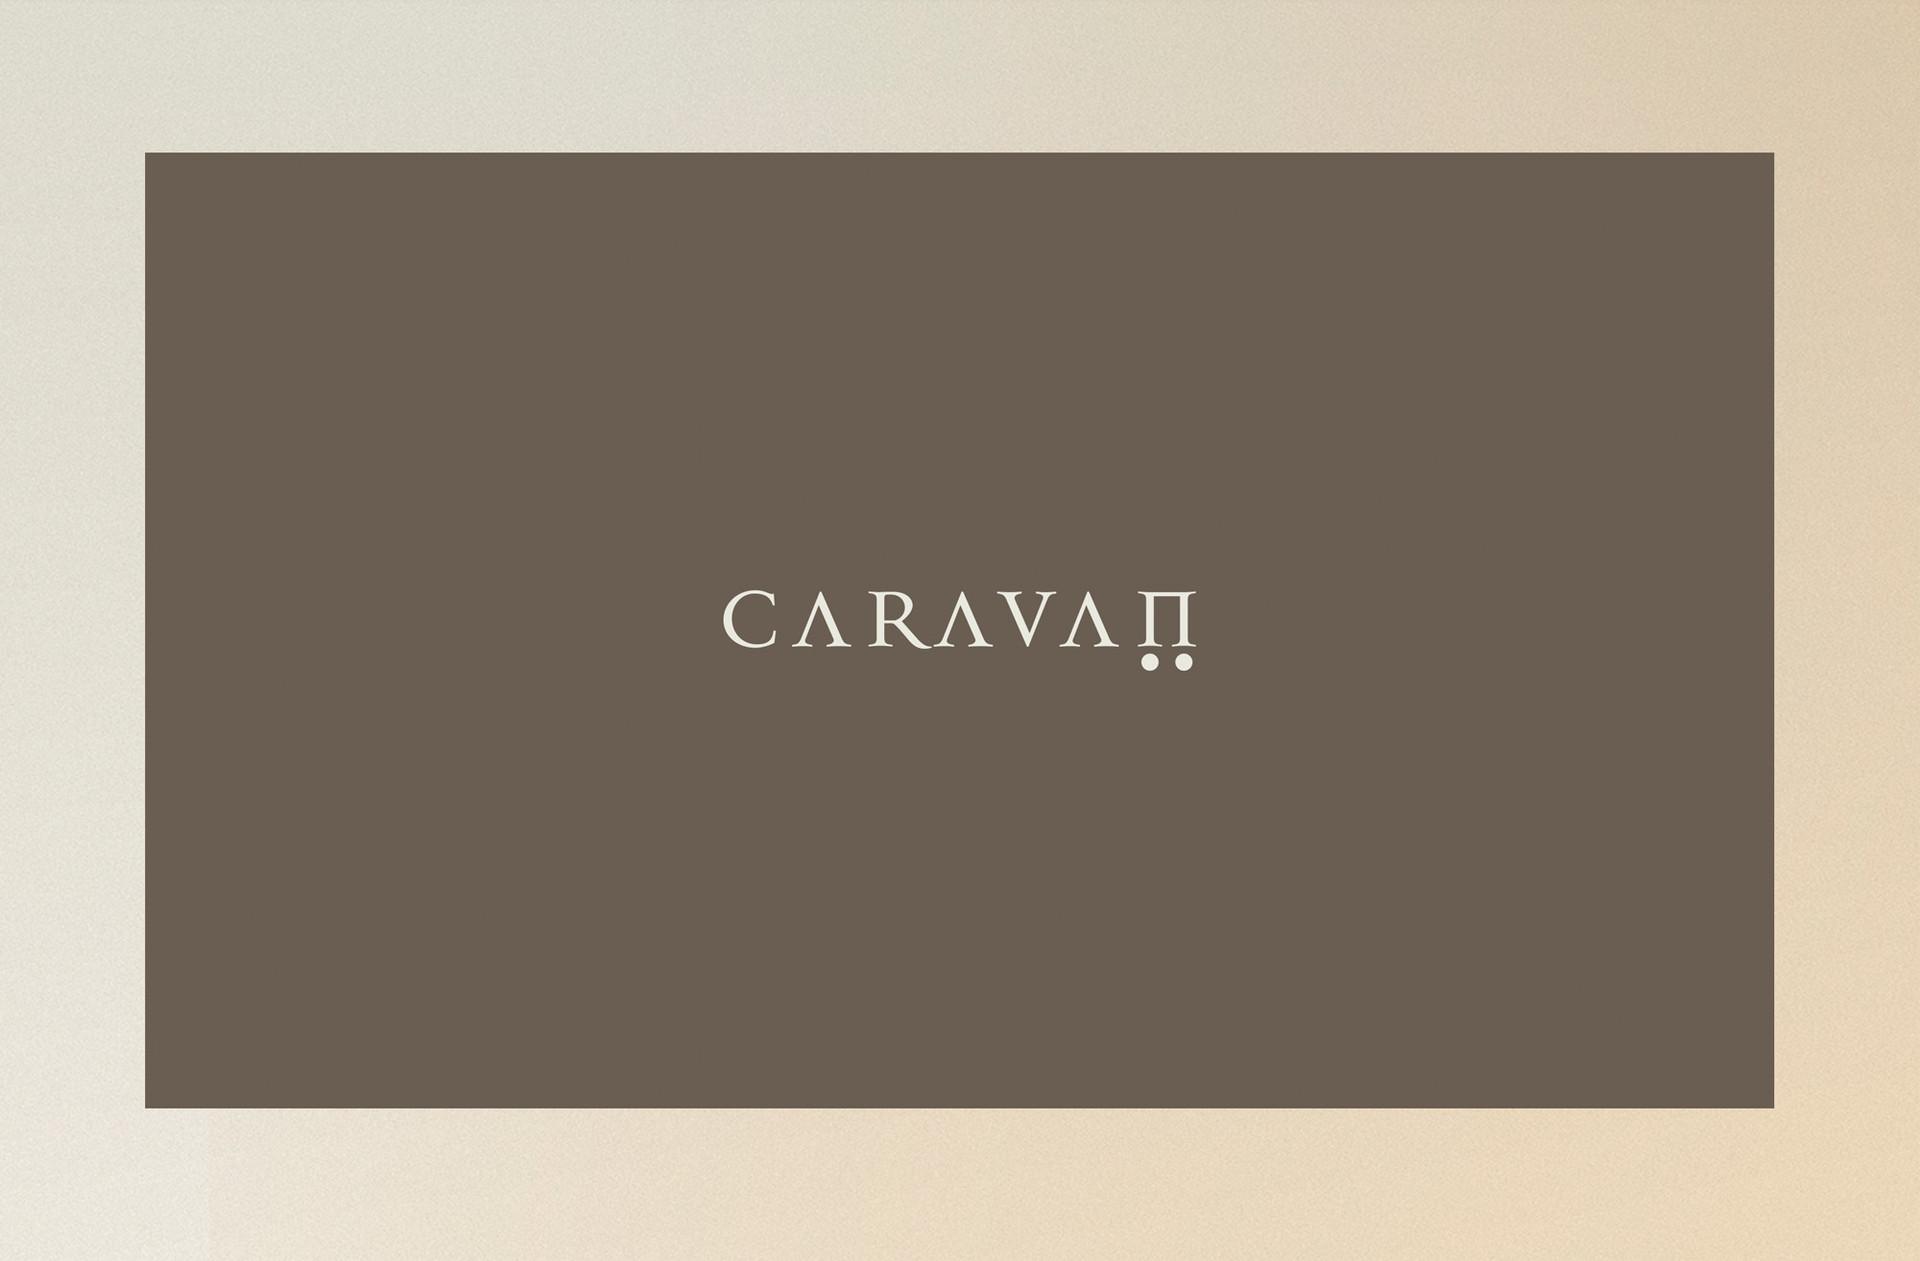 Caravan - 02.jpg